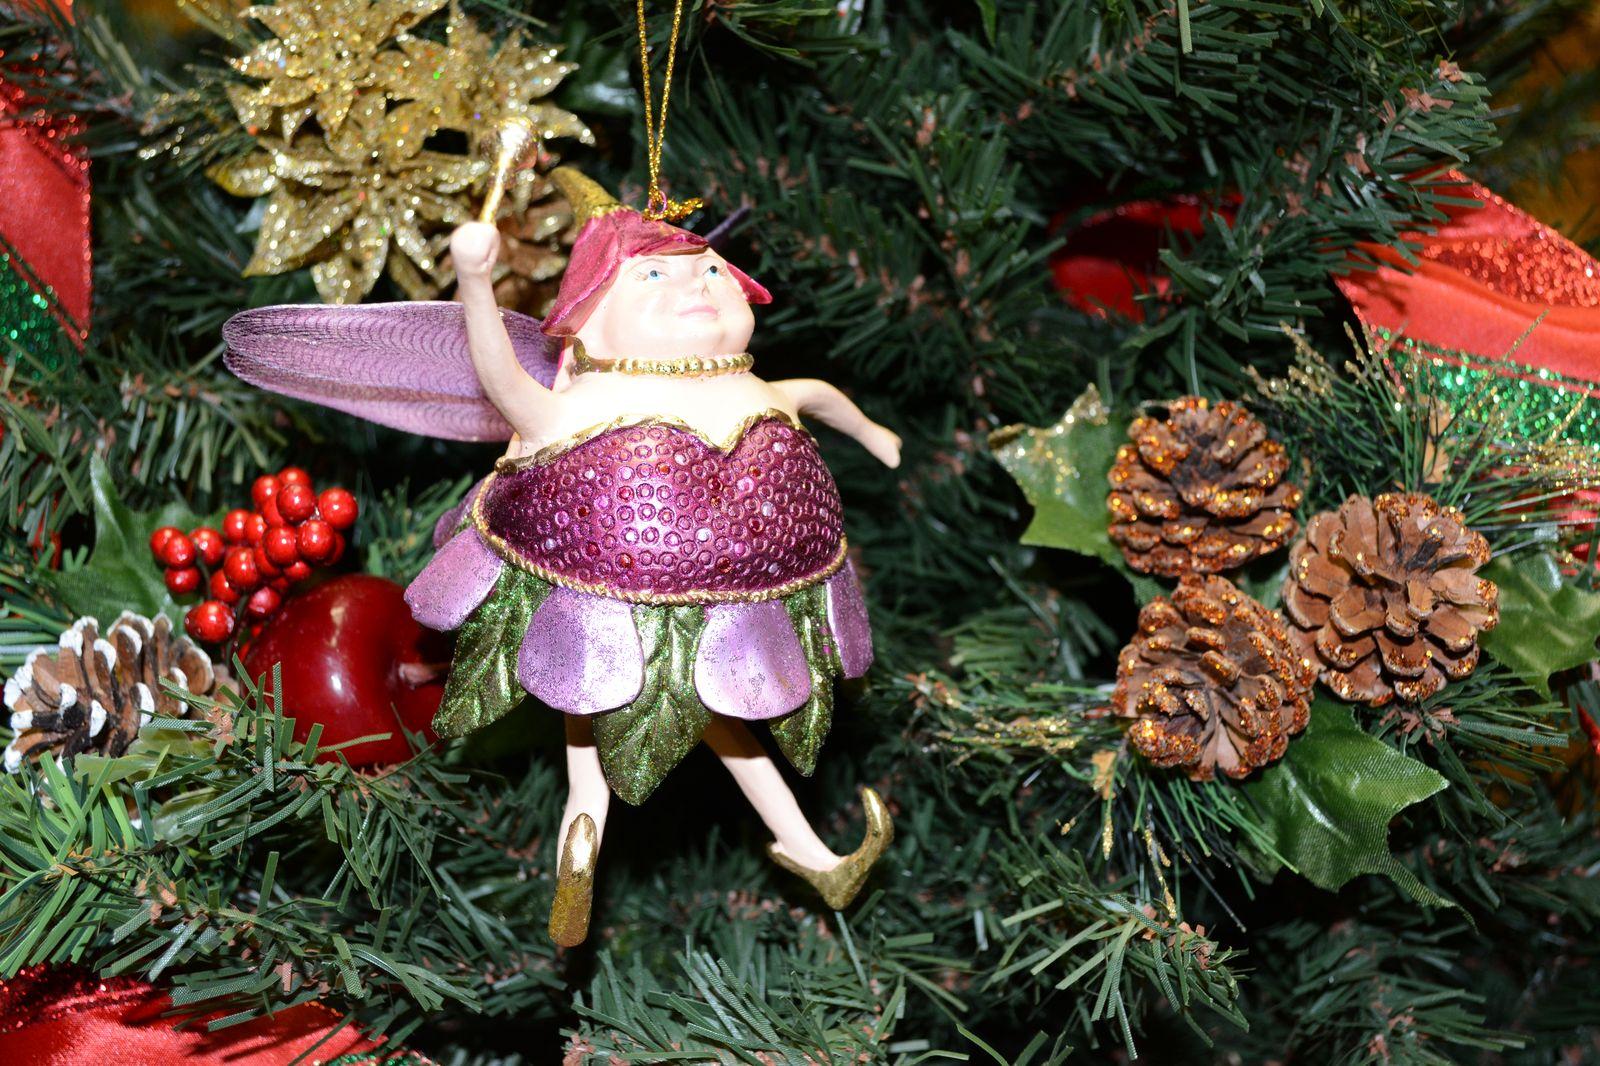 Fairy Christmas Ornaments.Plum Fat Fairy Christmas Ornament